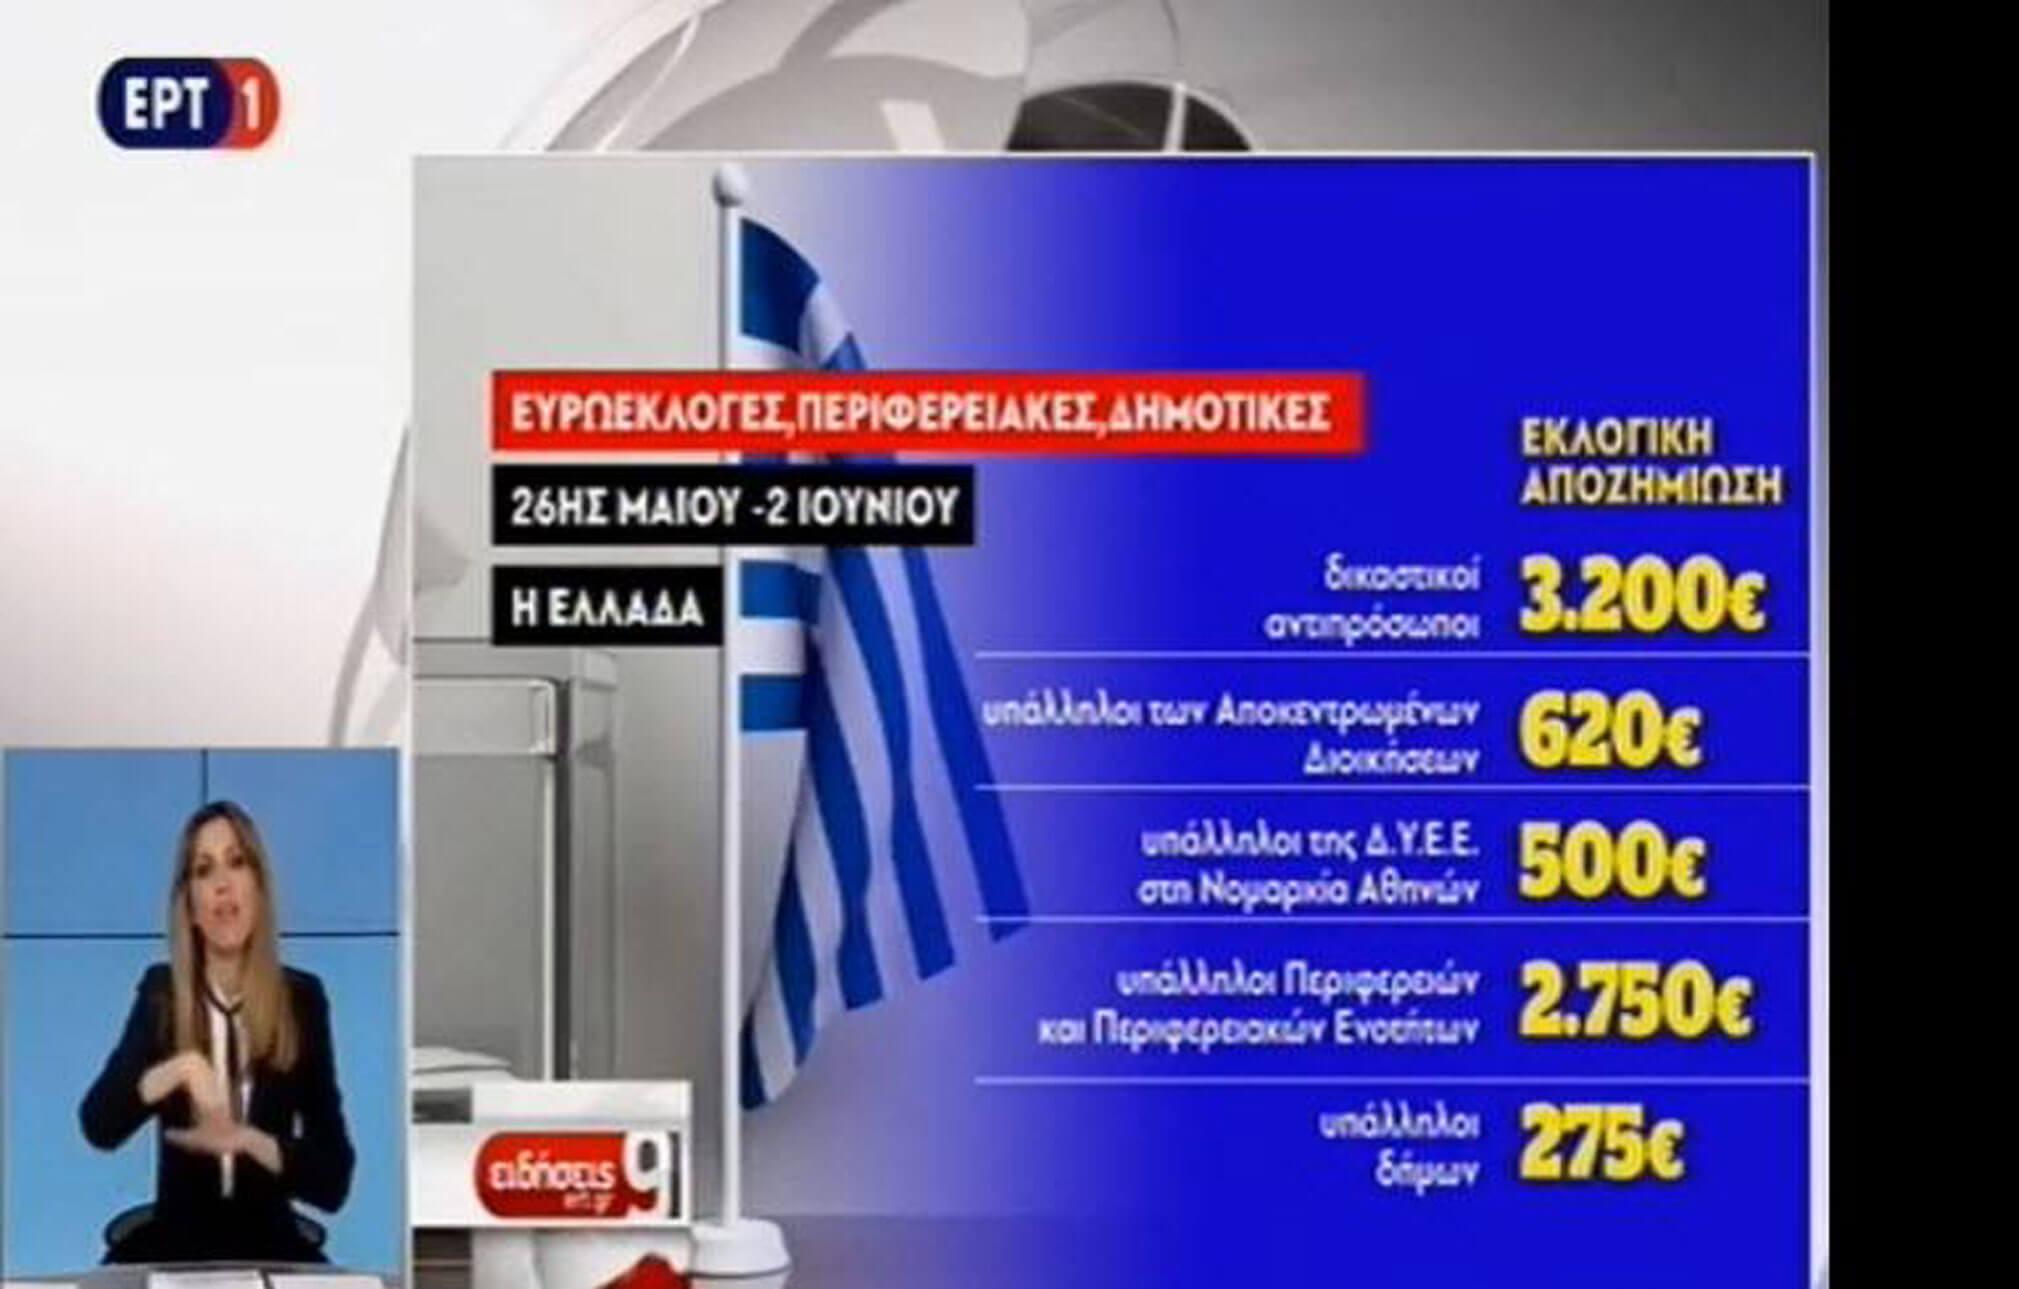 Ανακοίνωση ΕΡΤ για το «εκ παραδρομής λάθος»! | Newsit.gr